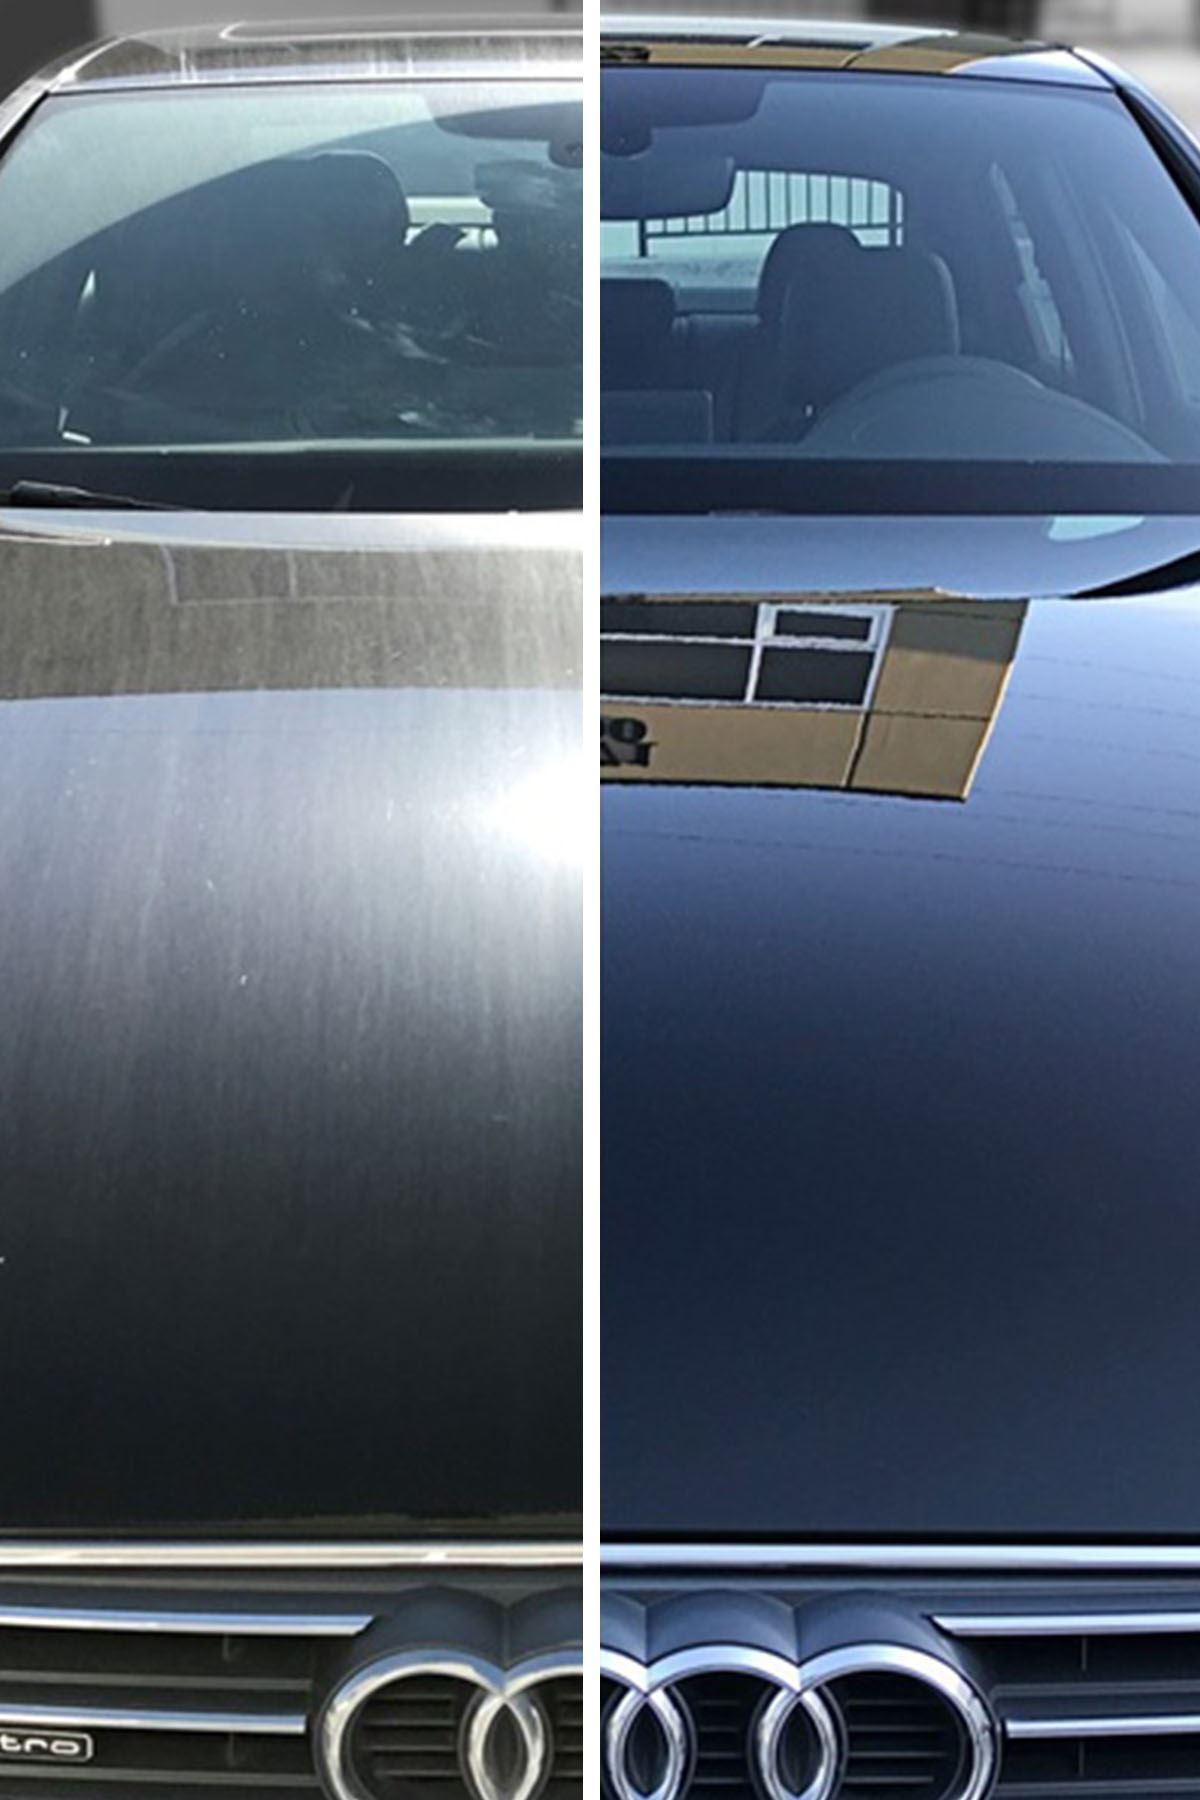 SMX Susuz Motor Temizleme Spreyi / Seramik Cila / Hızlı Cila / Pratik Cila / %40 Cilalı Oto Şampuanı / ARAÇ BAKIM SETİ-3